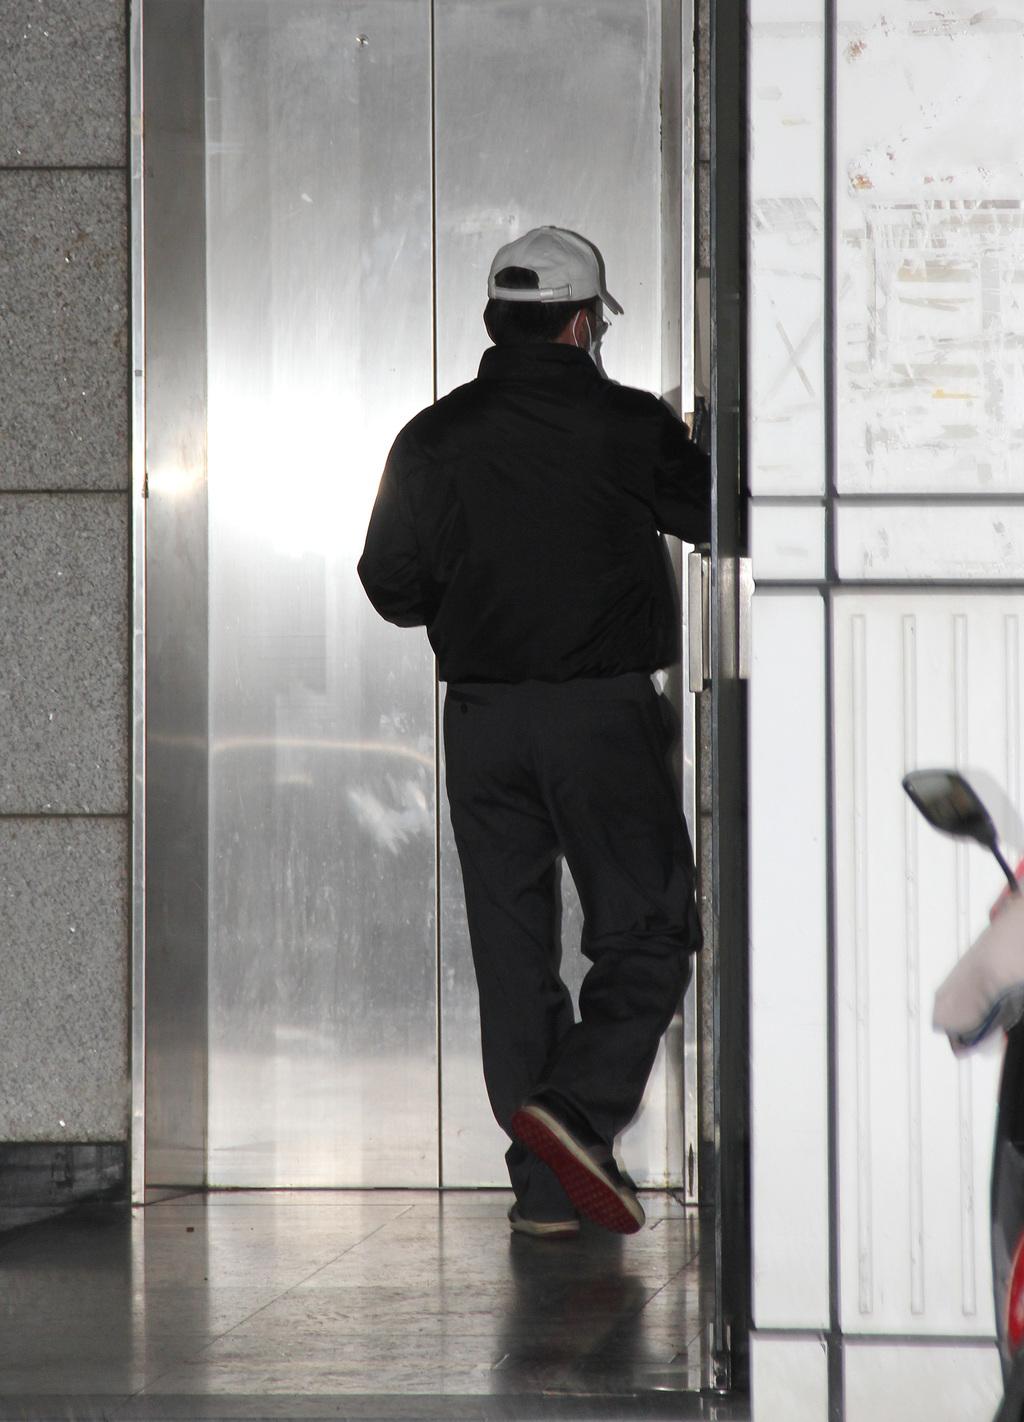 東京兩台灣女學生遇害命案,日本通緝30歲台灣青年張志揚;張志揚的父親(圖)8日表示,目前內心的煎熬無法言語,最後還是要「承擔」,承擔不起也...